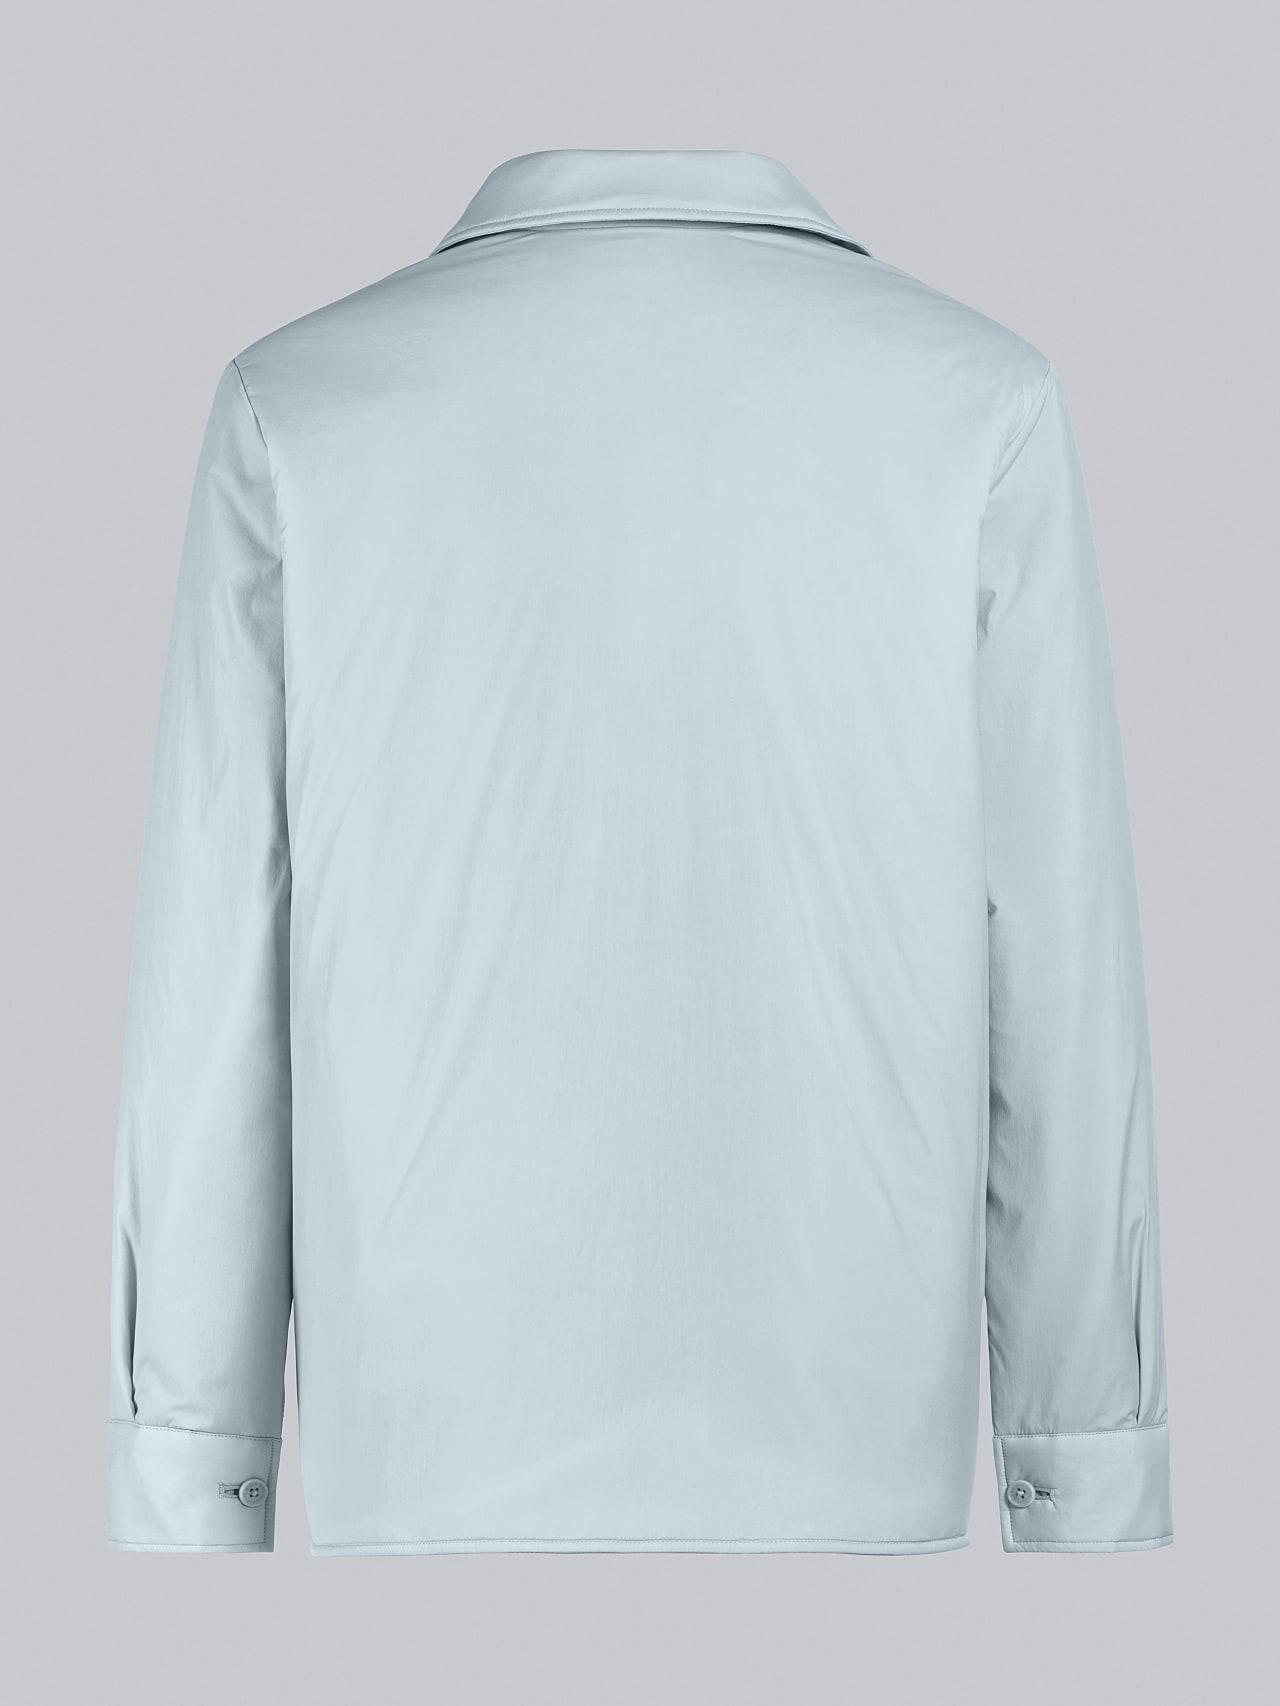 OSHEN V1.Y5.02 PrimaLoft® Overshirt Jacket Pale Blue  Left Alpha Tauri